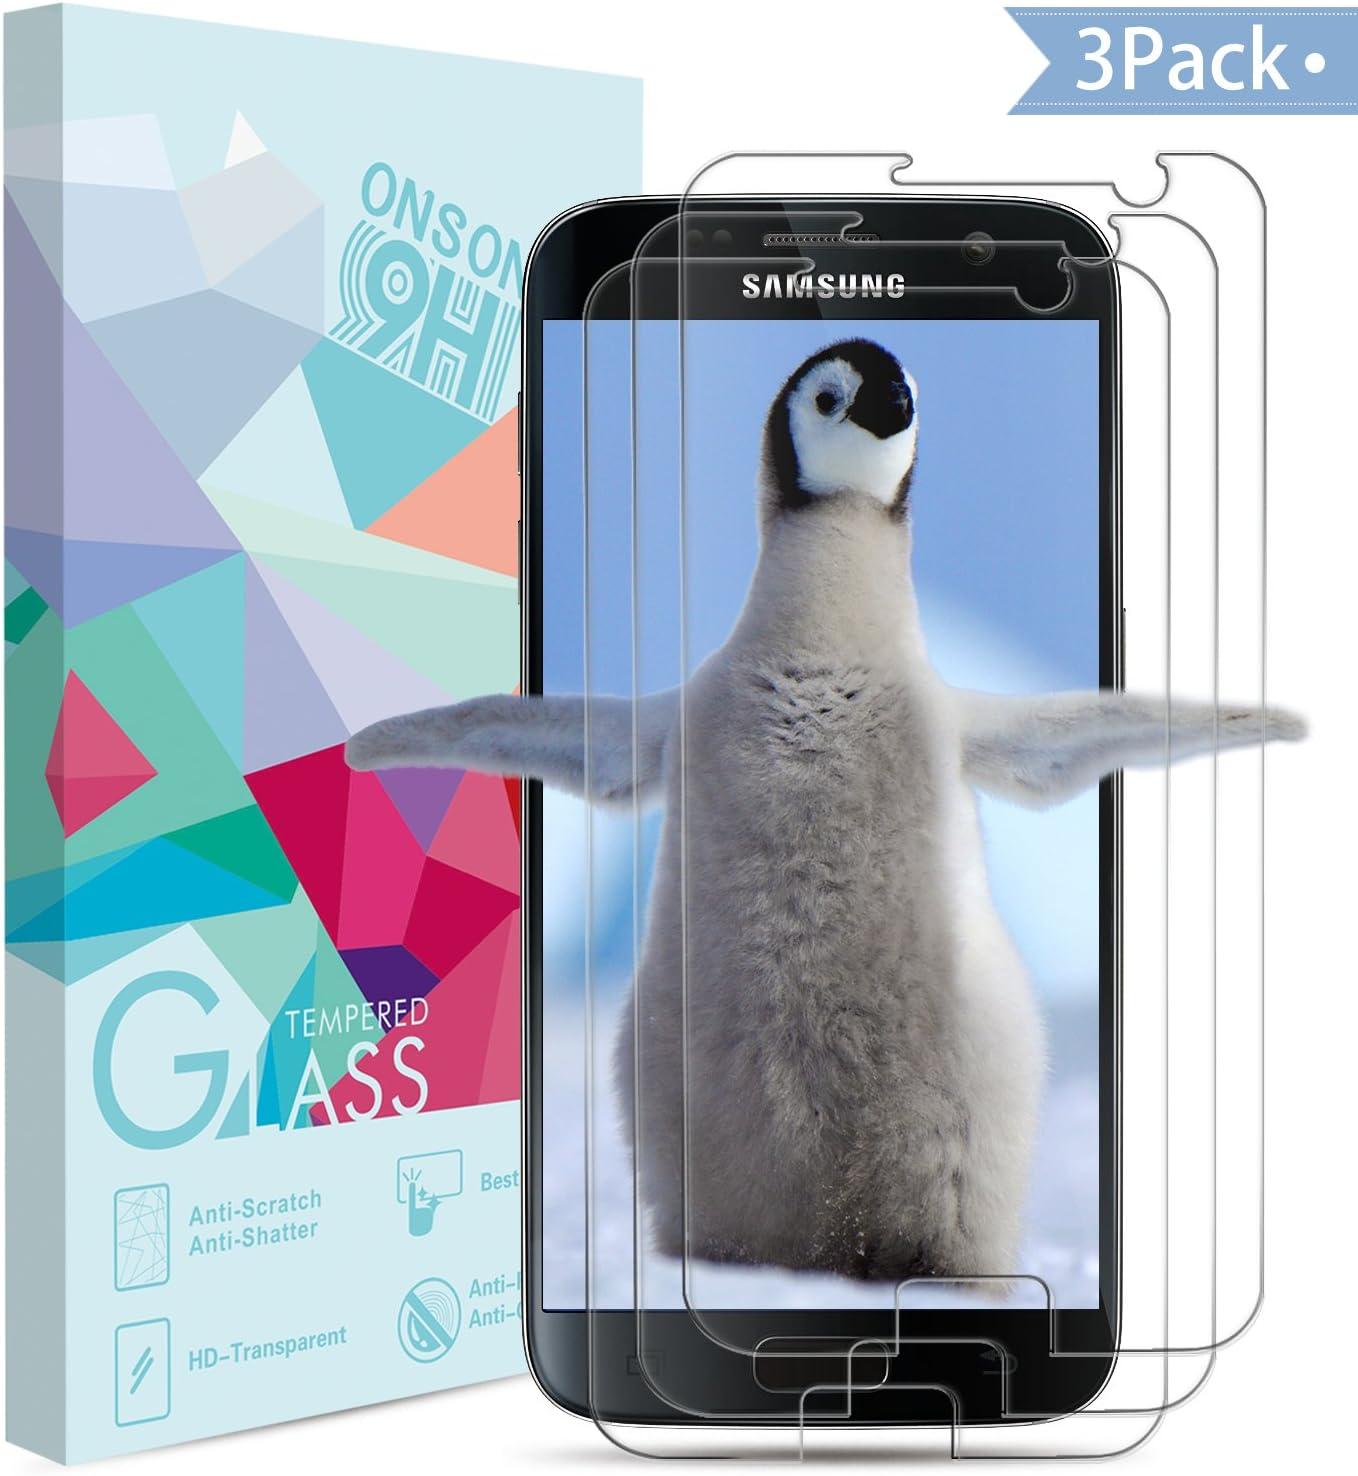 3-Unidades]Protector de pantalla Galaxy S7,Vanzon Cristal Vidrio Templado Premium Para Samsung Galaxy S7 (Galaxy S7): Amazon.es: Electrónica